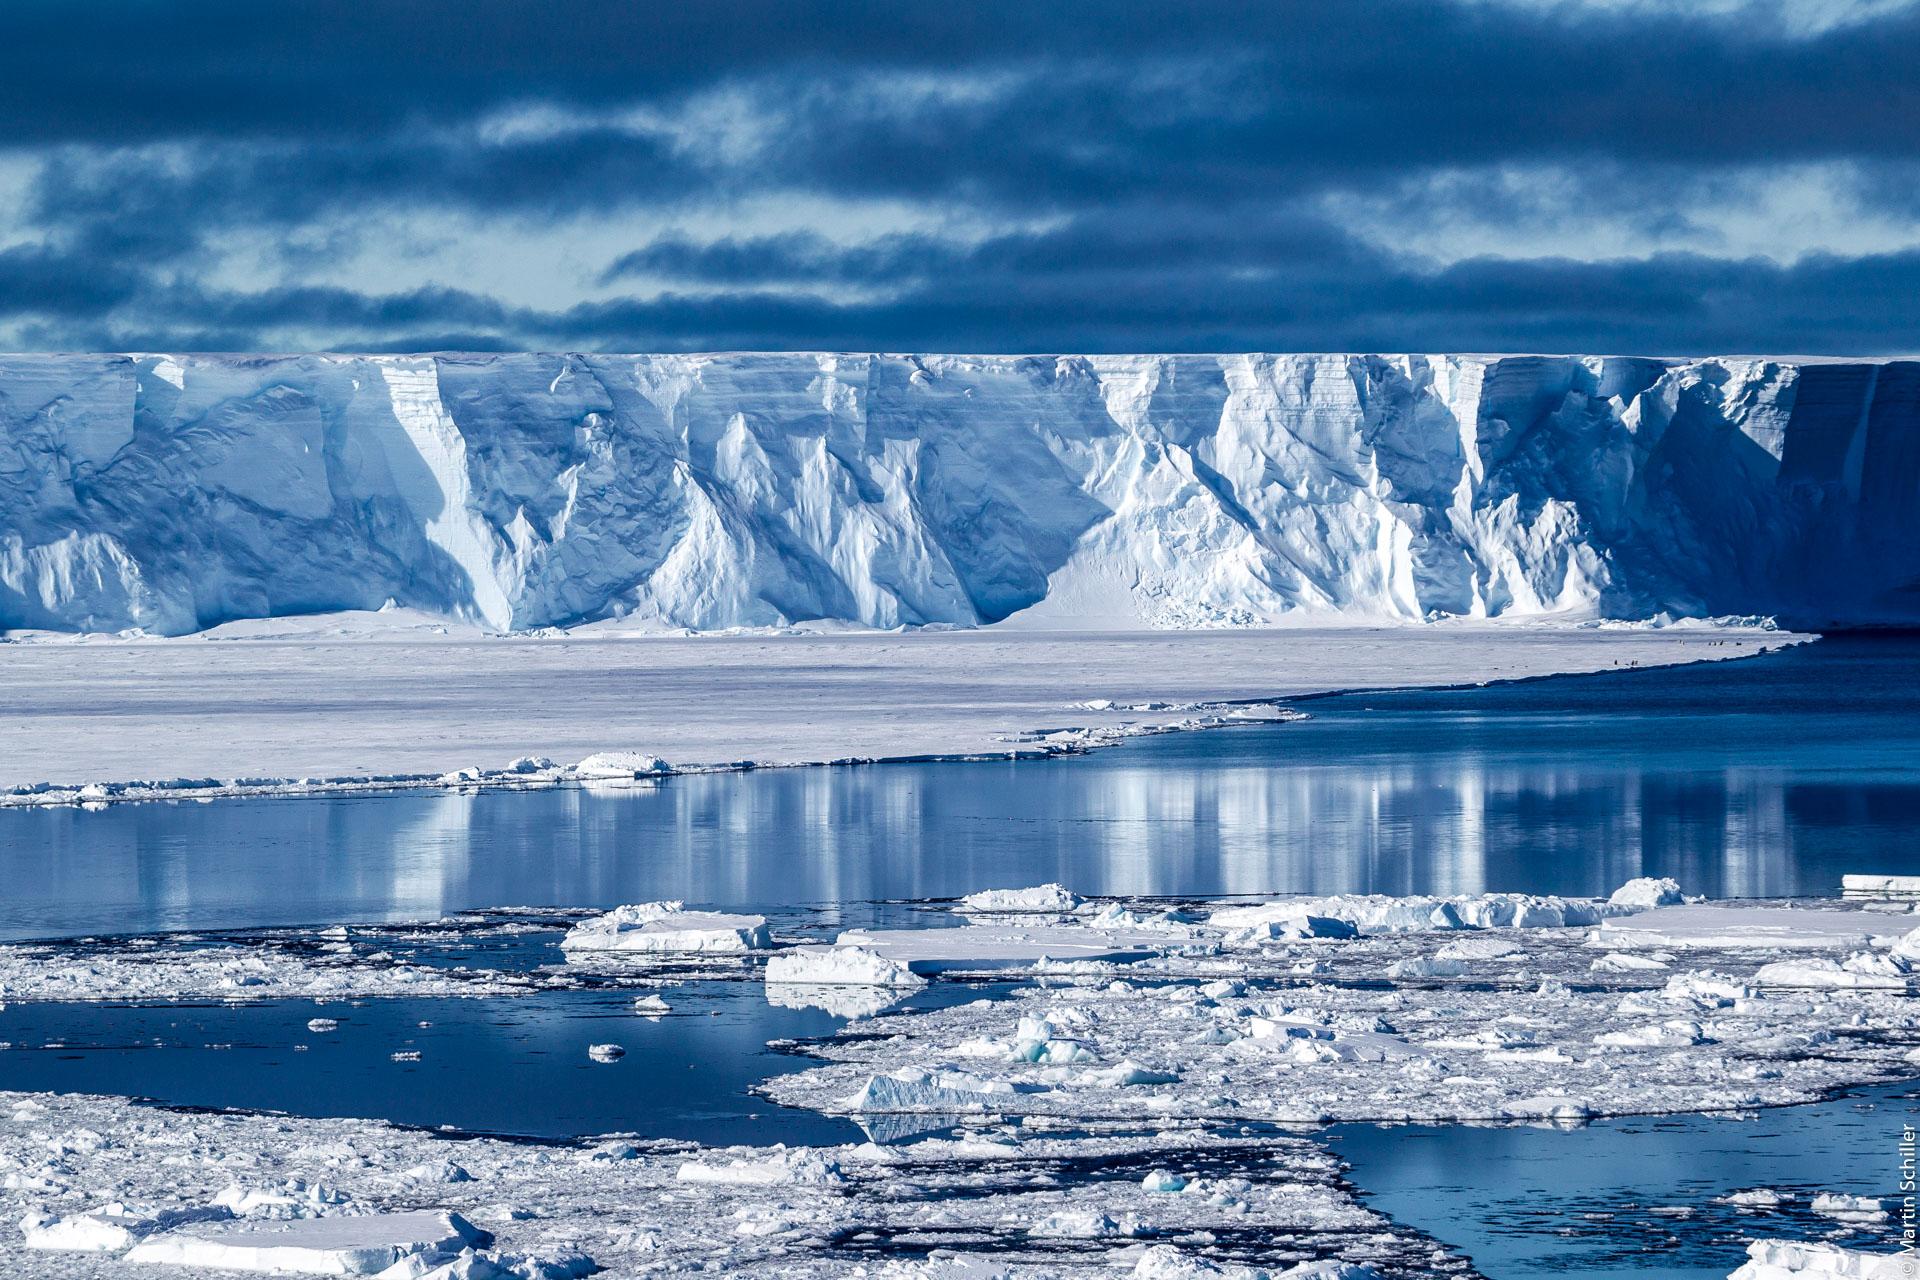 Wie beeinflussen Aerosole das Klima und den Klimawandel? (FAQ 7.2)